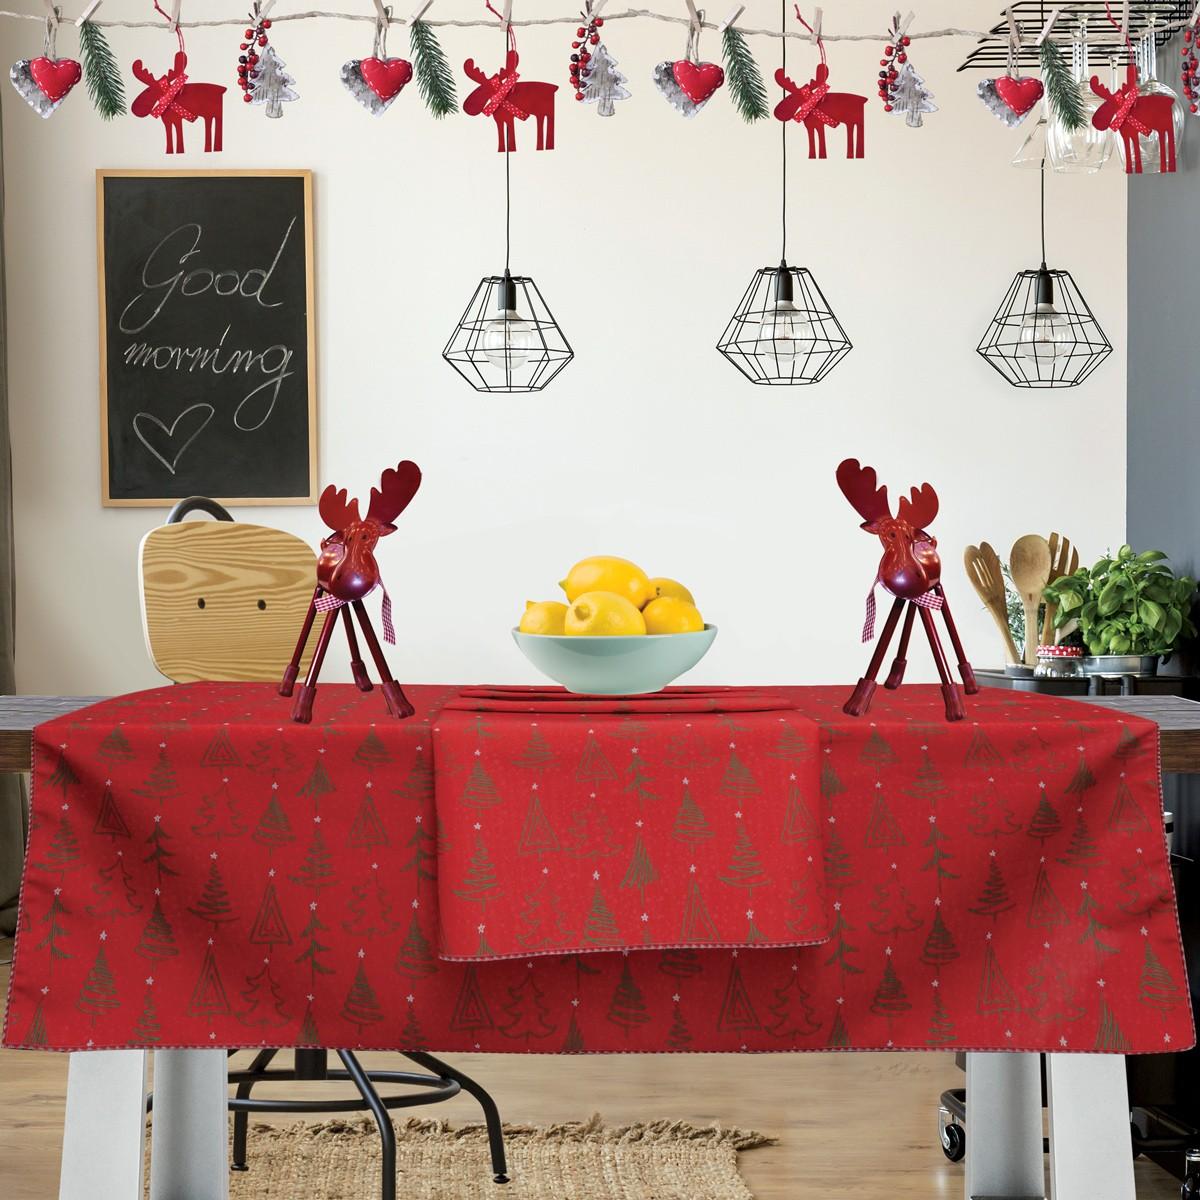 Χριστουγεννιάτικο Τραπεζομάντηλο (140×240) Das Home Kitchen 550